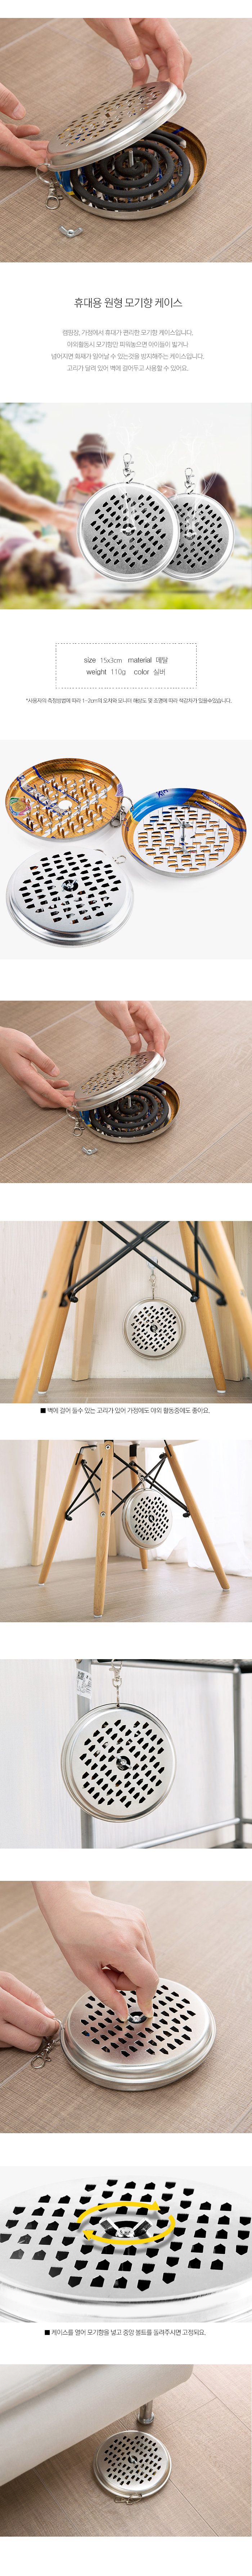 벽걸이 틴케이스 모기향 케이스 - 이비자, 9,000원, 캔들, 캔들홀더/소품